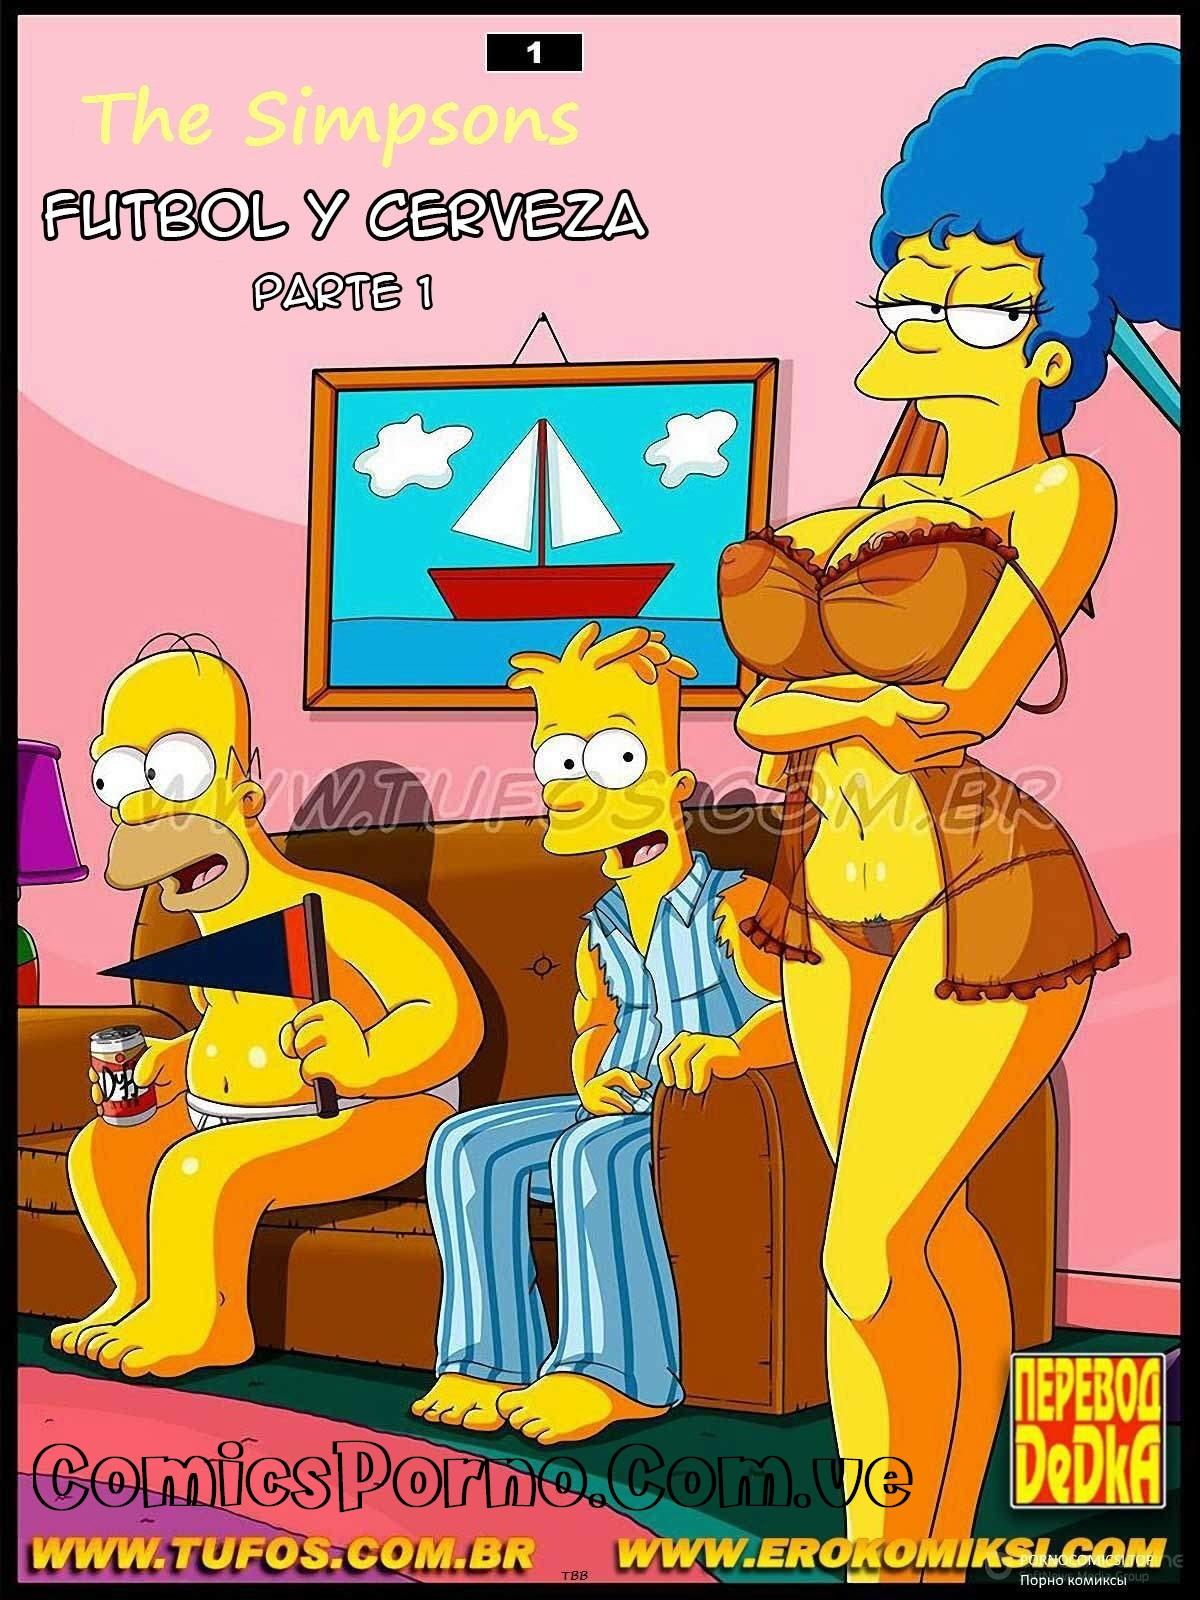 miley cyrus stolen nude pics